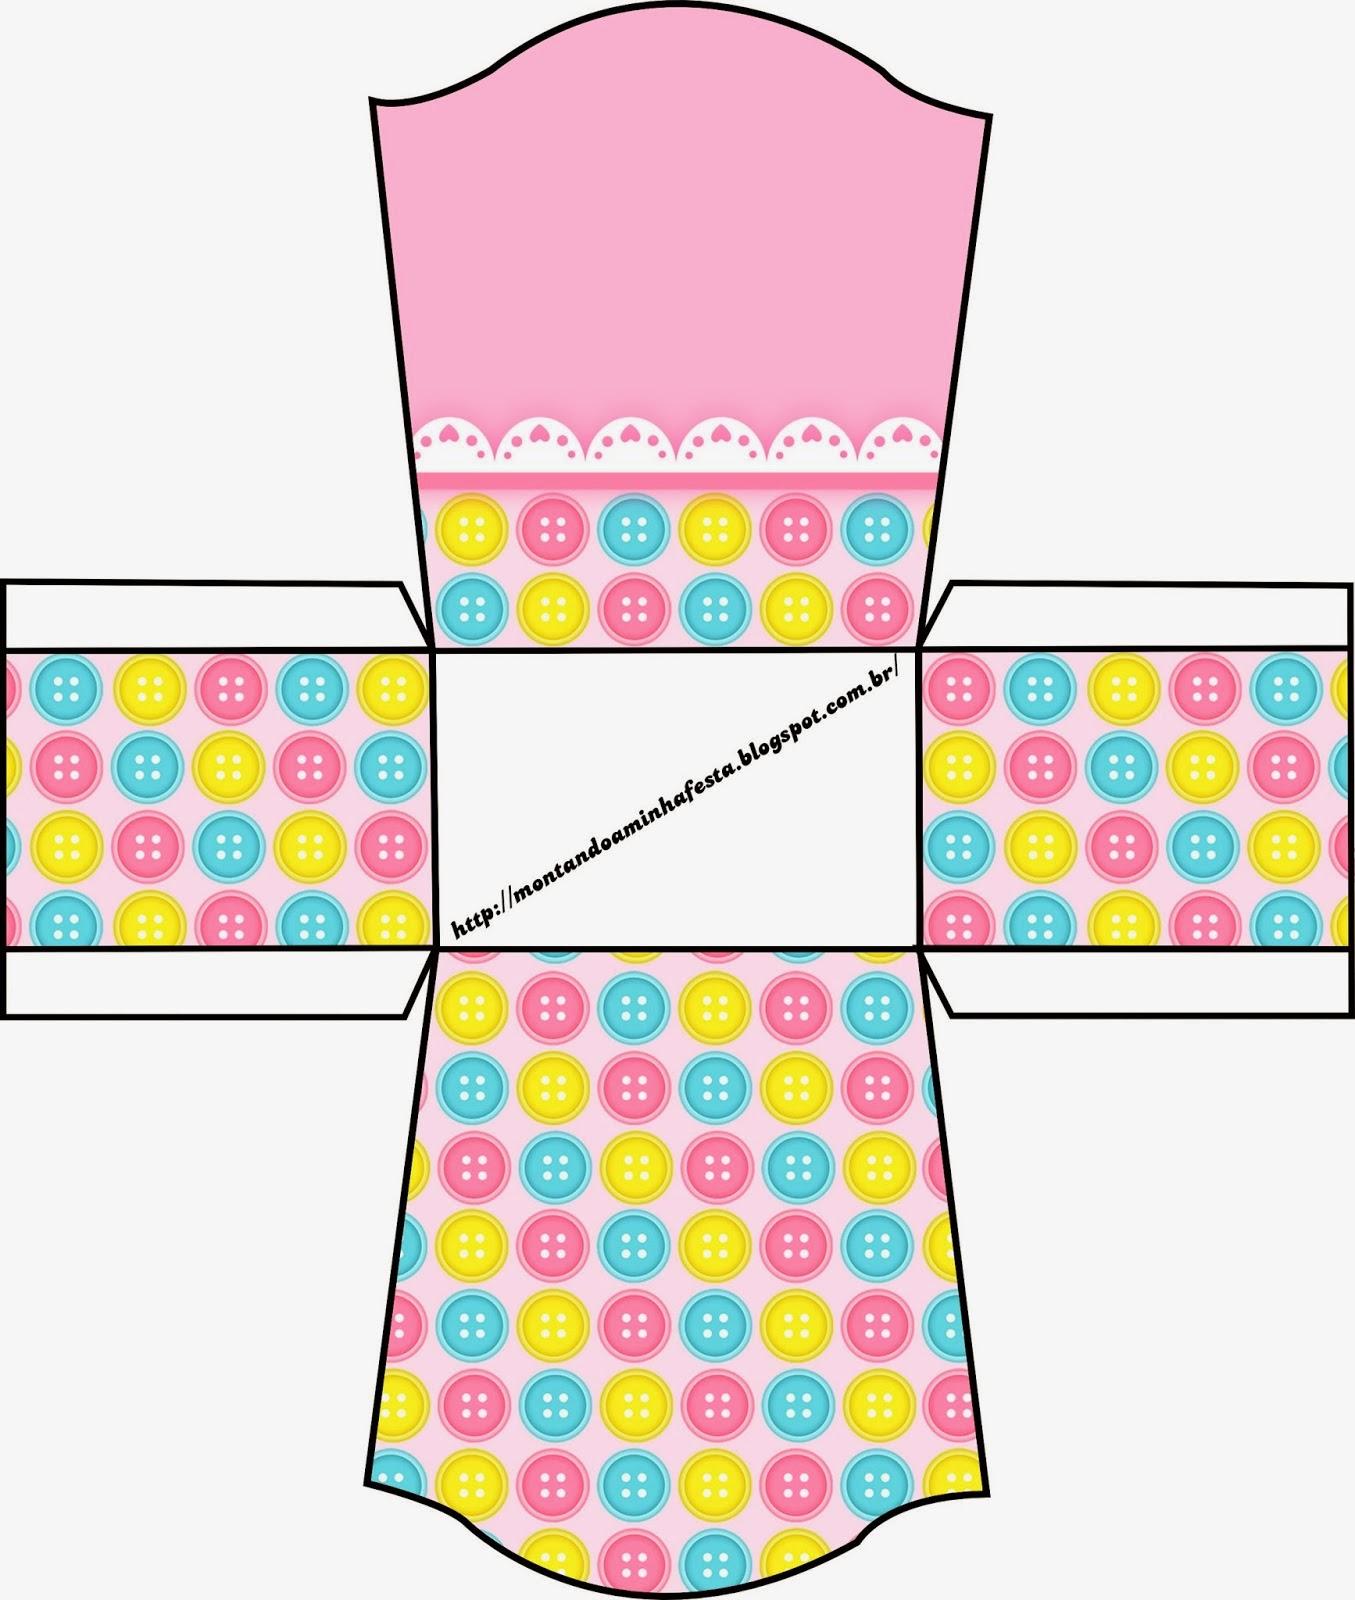 Caja abierta para pastelitos, chocolates o mazapanes.